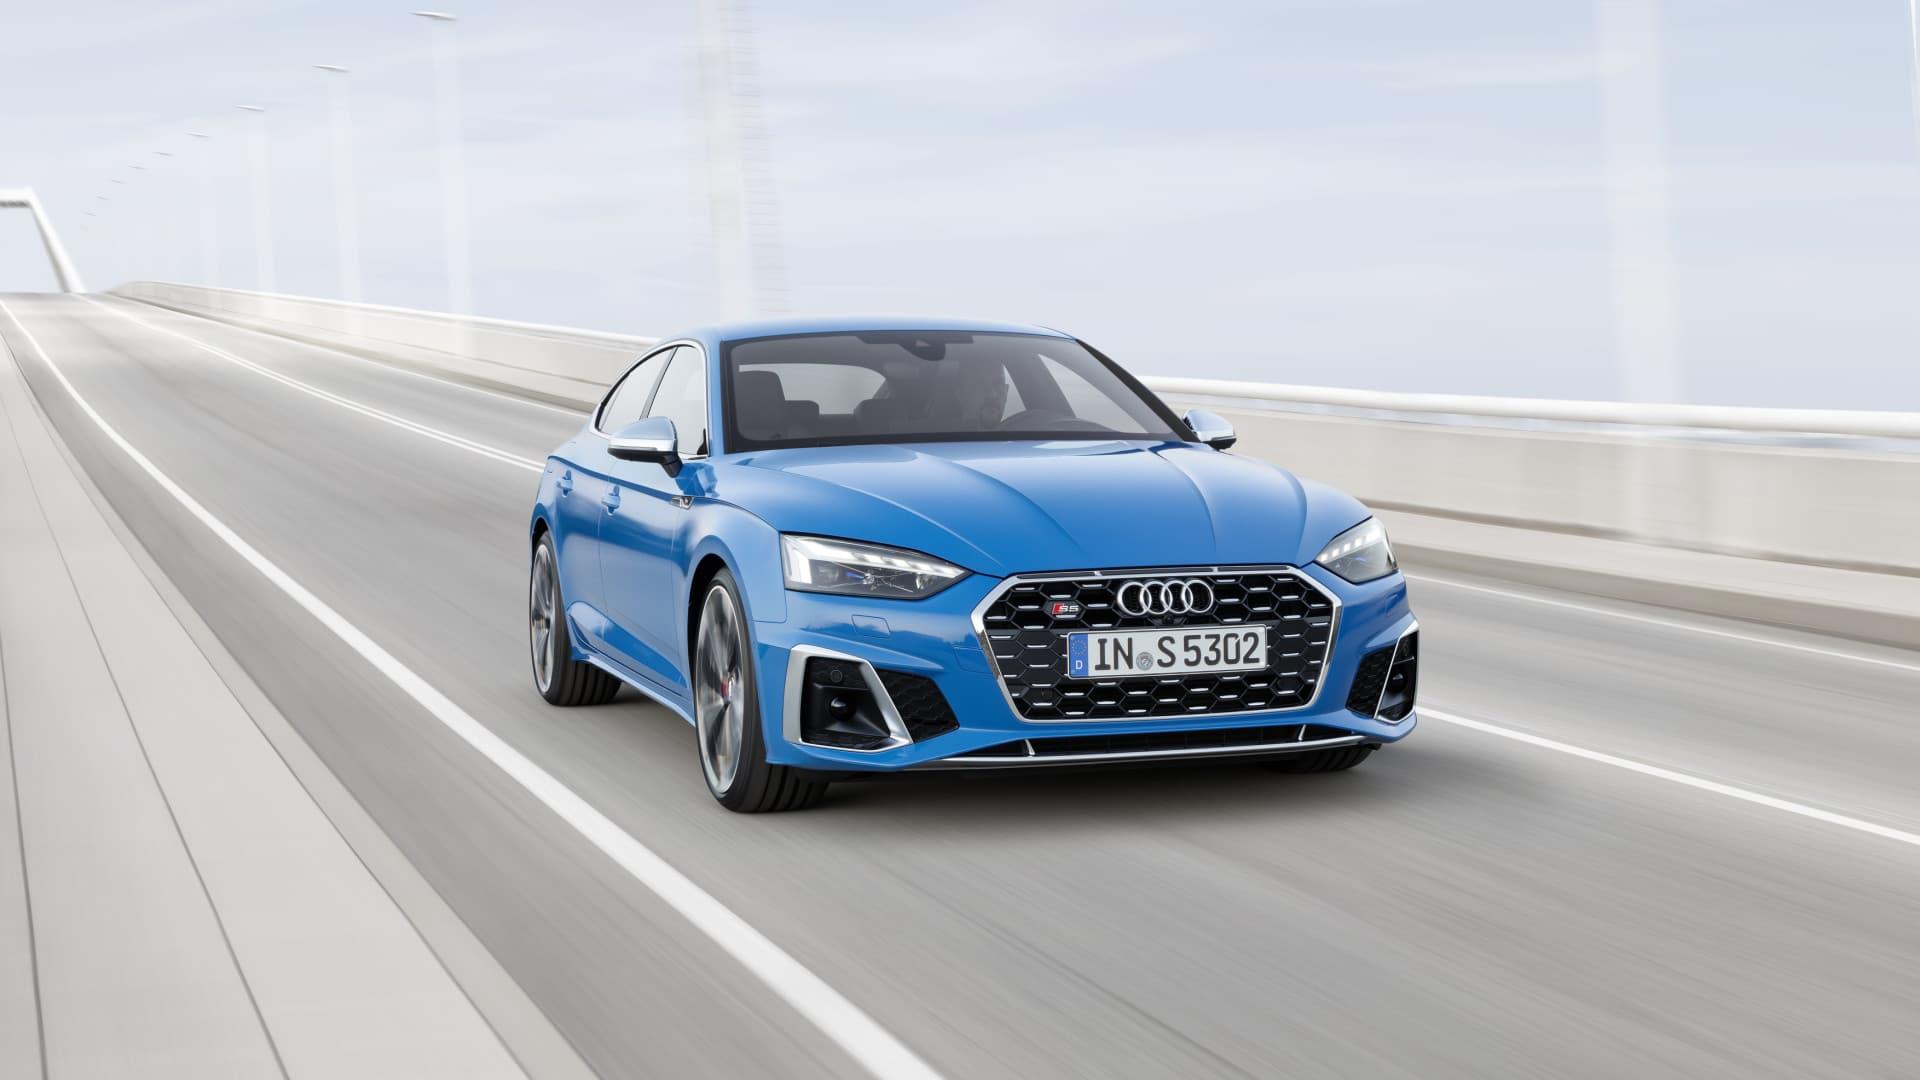 2020 Audi S5 Price